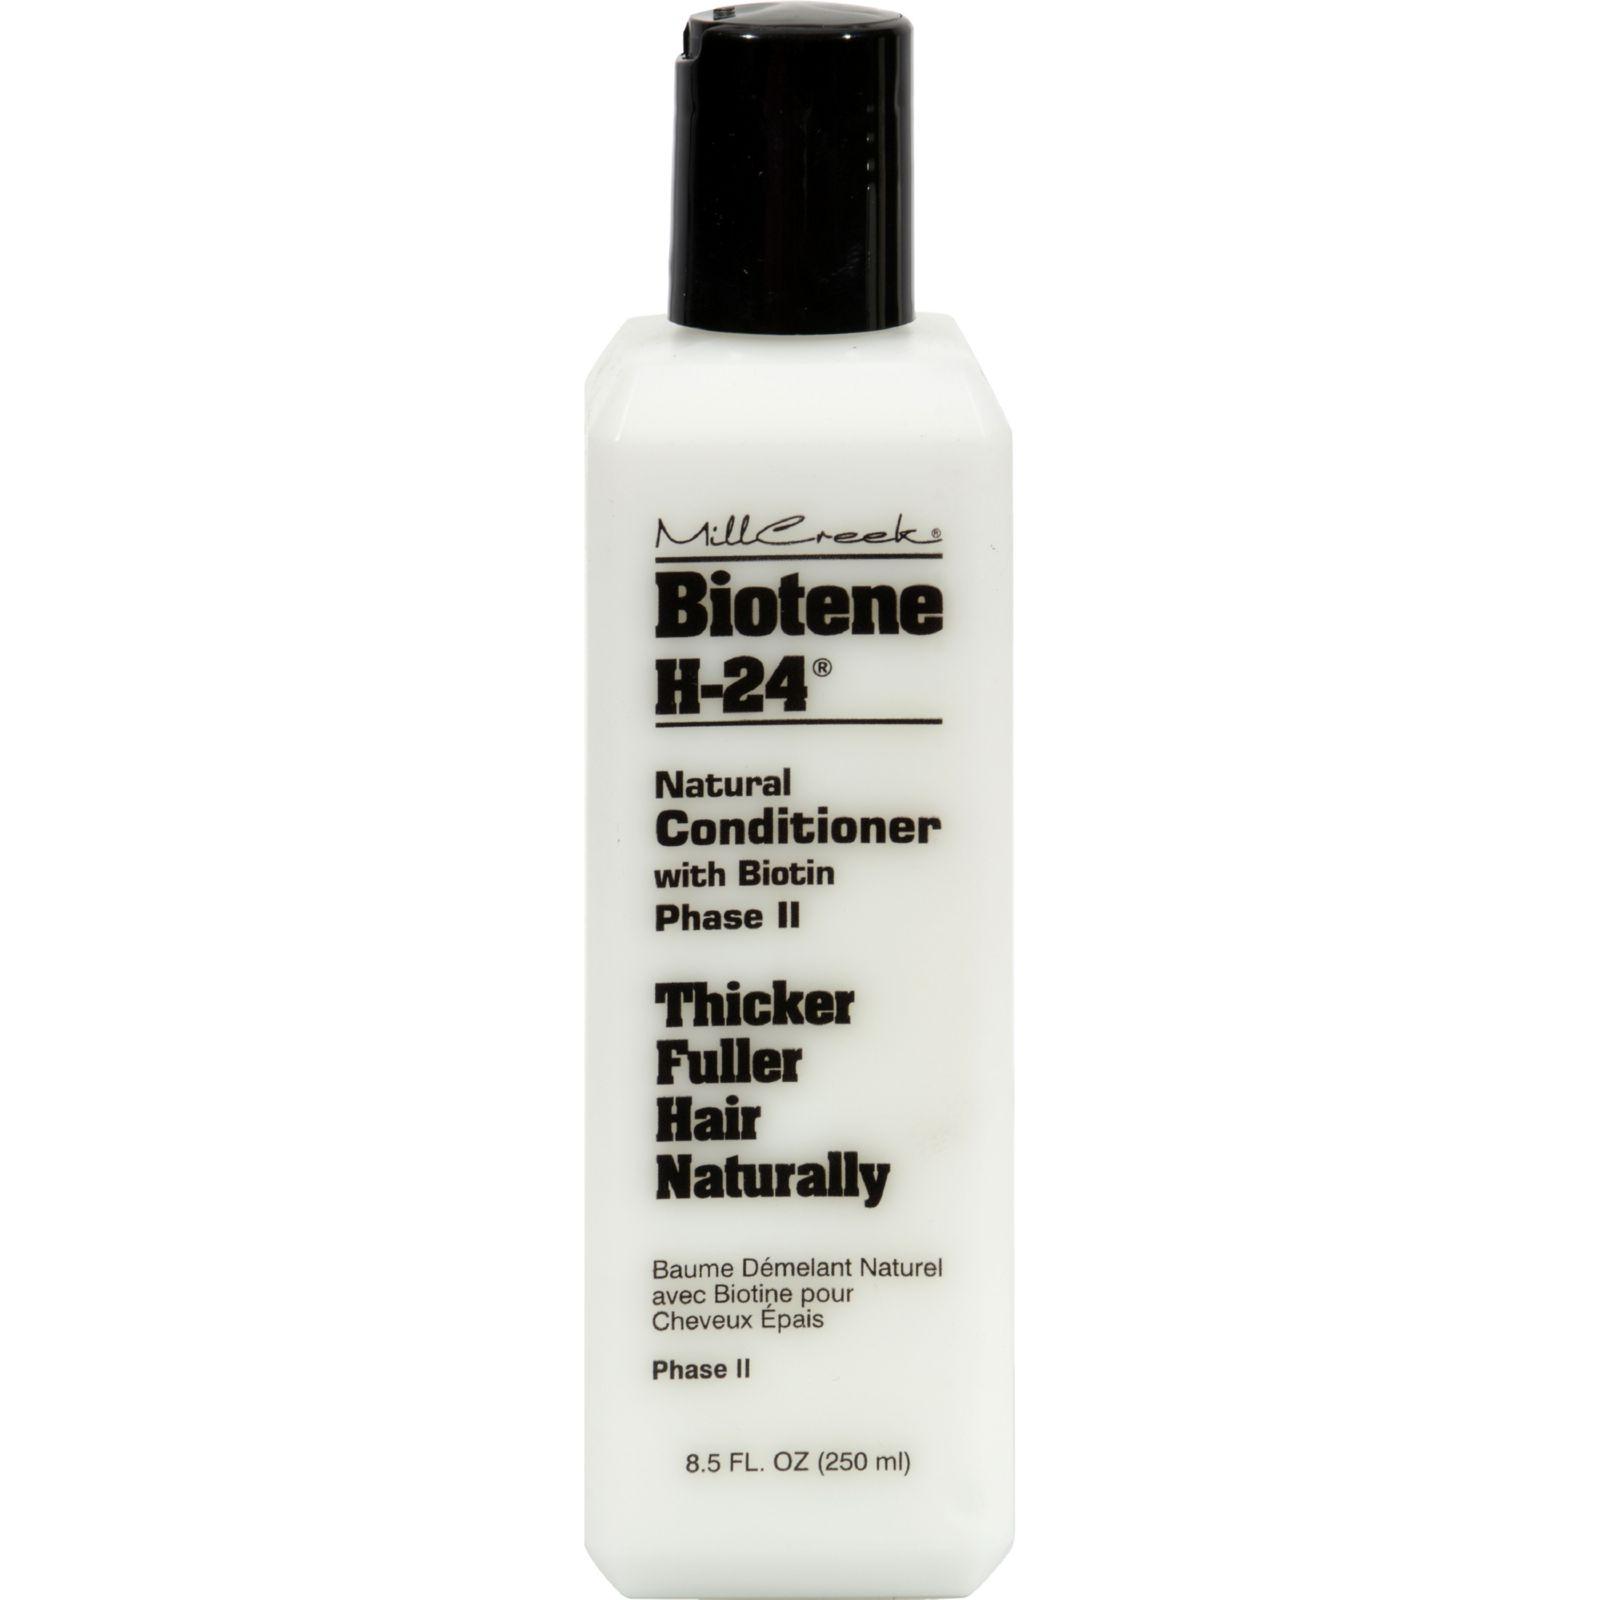 Biotene H-24 Conditioner 8.5 oz Liquid